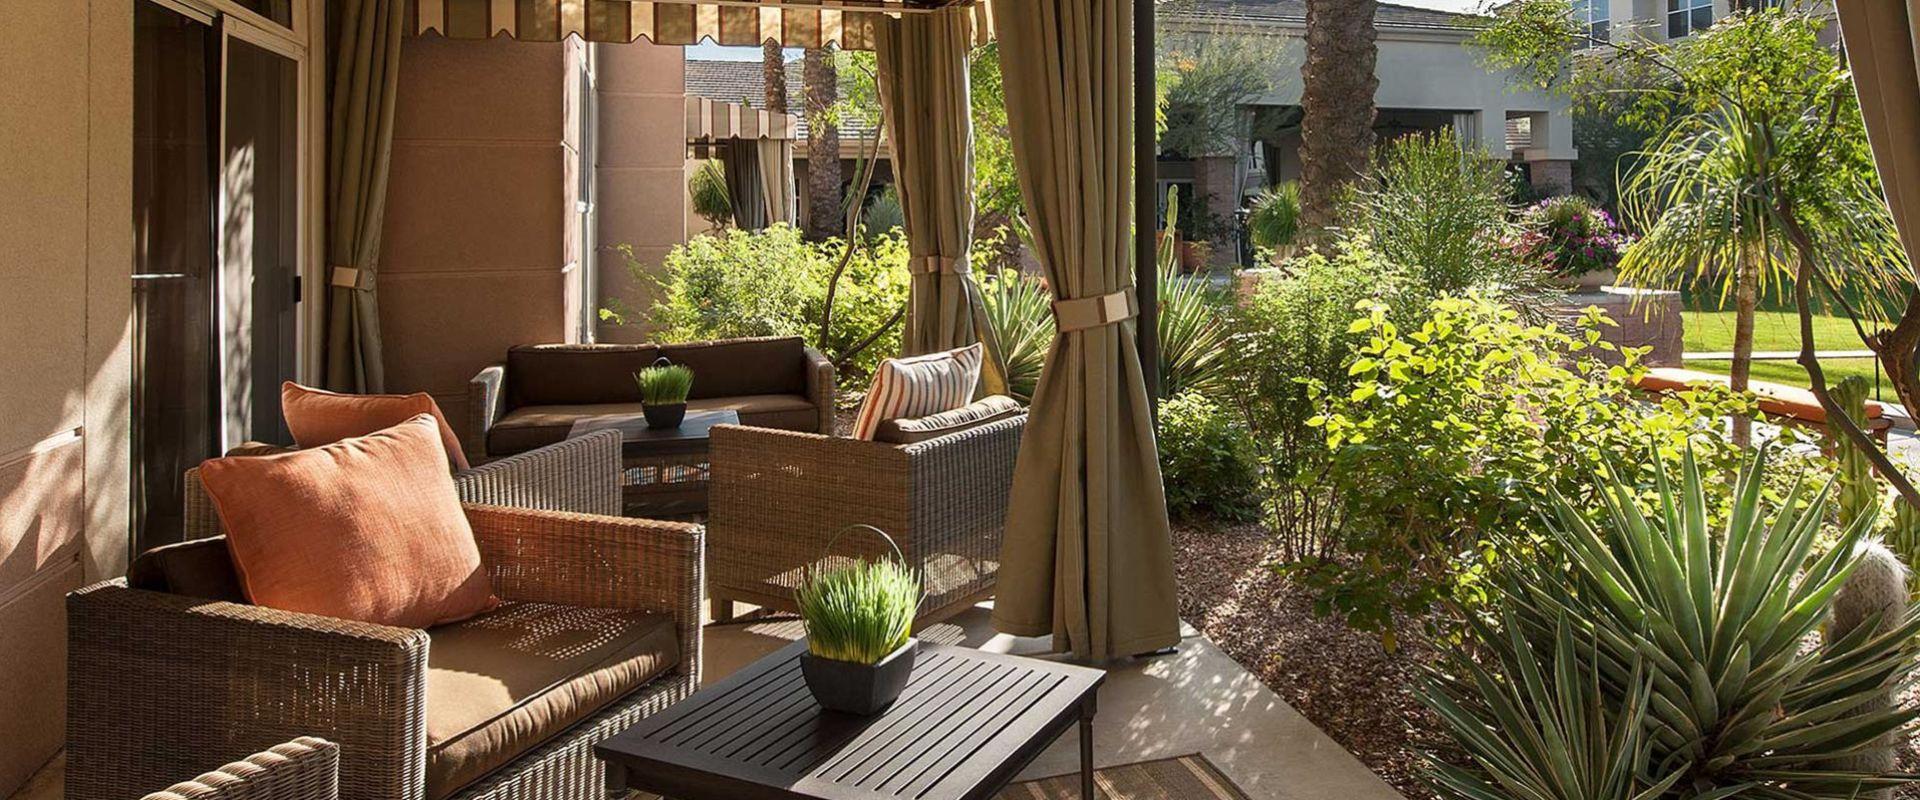 Cabana Patio Desert Garden Courtyard